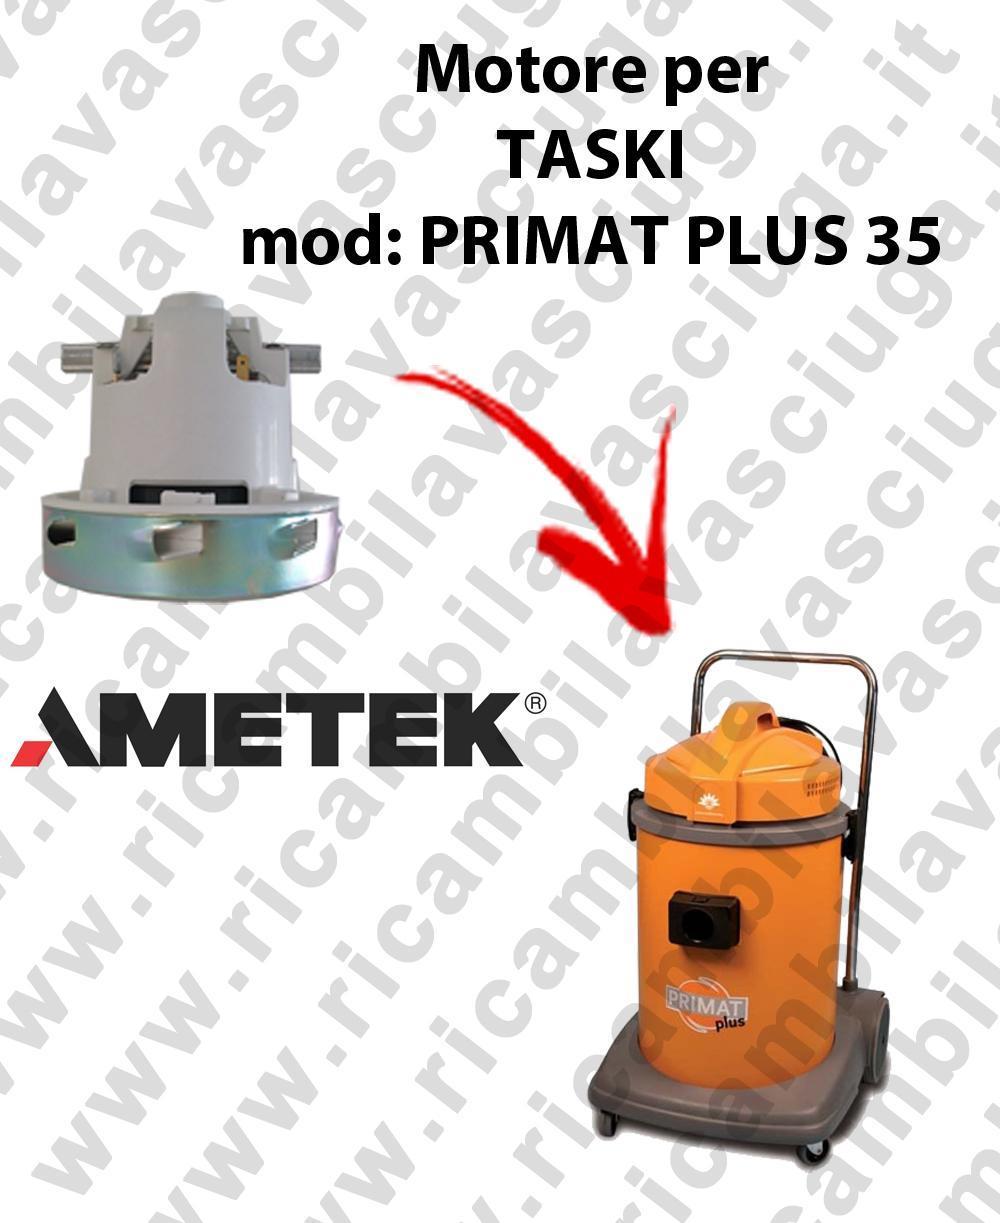 PRIMAT PLUS 35 MOTEUR AMETEK aspiration pour aspirateur TASKI